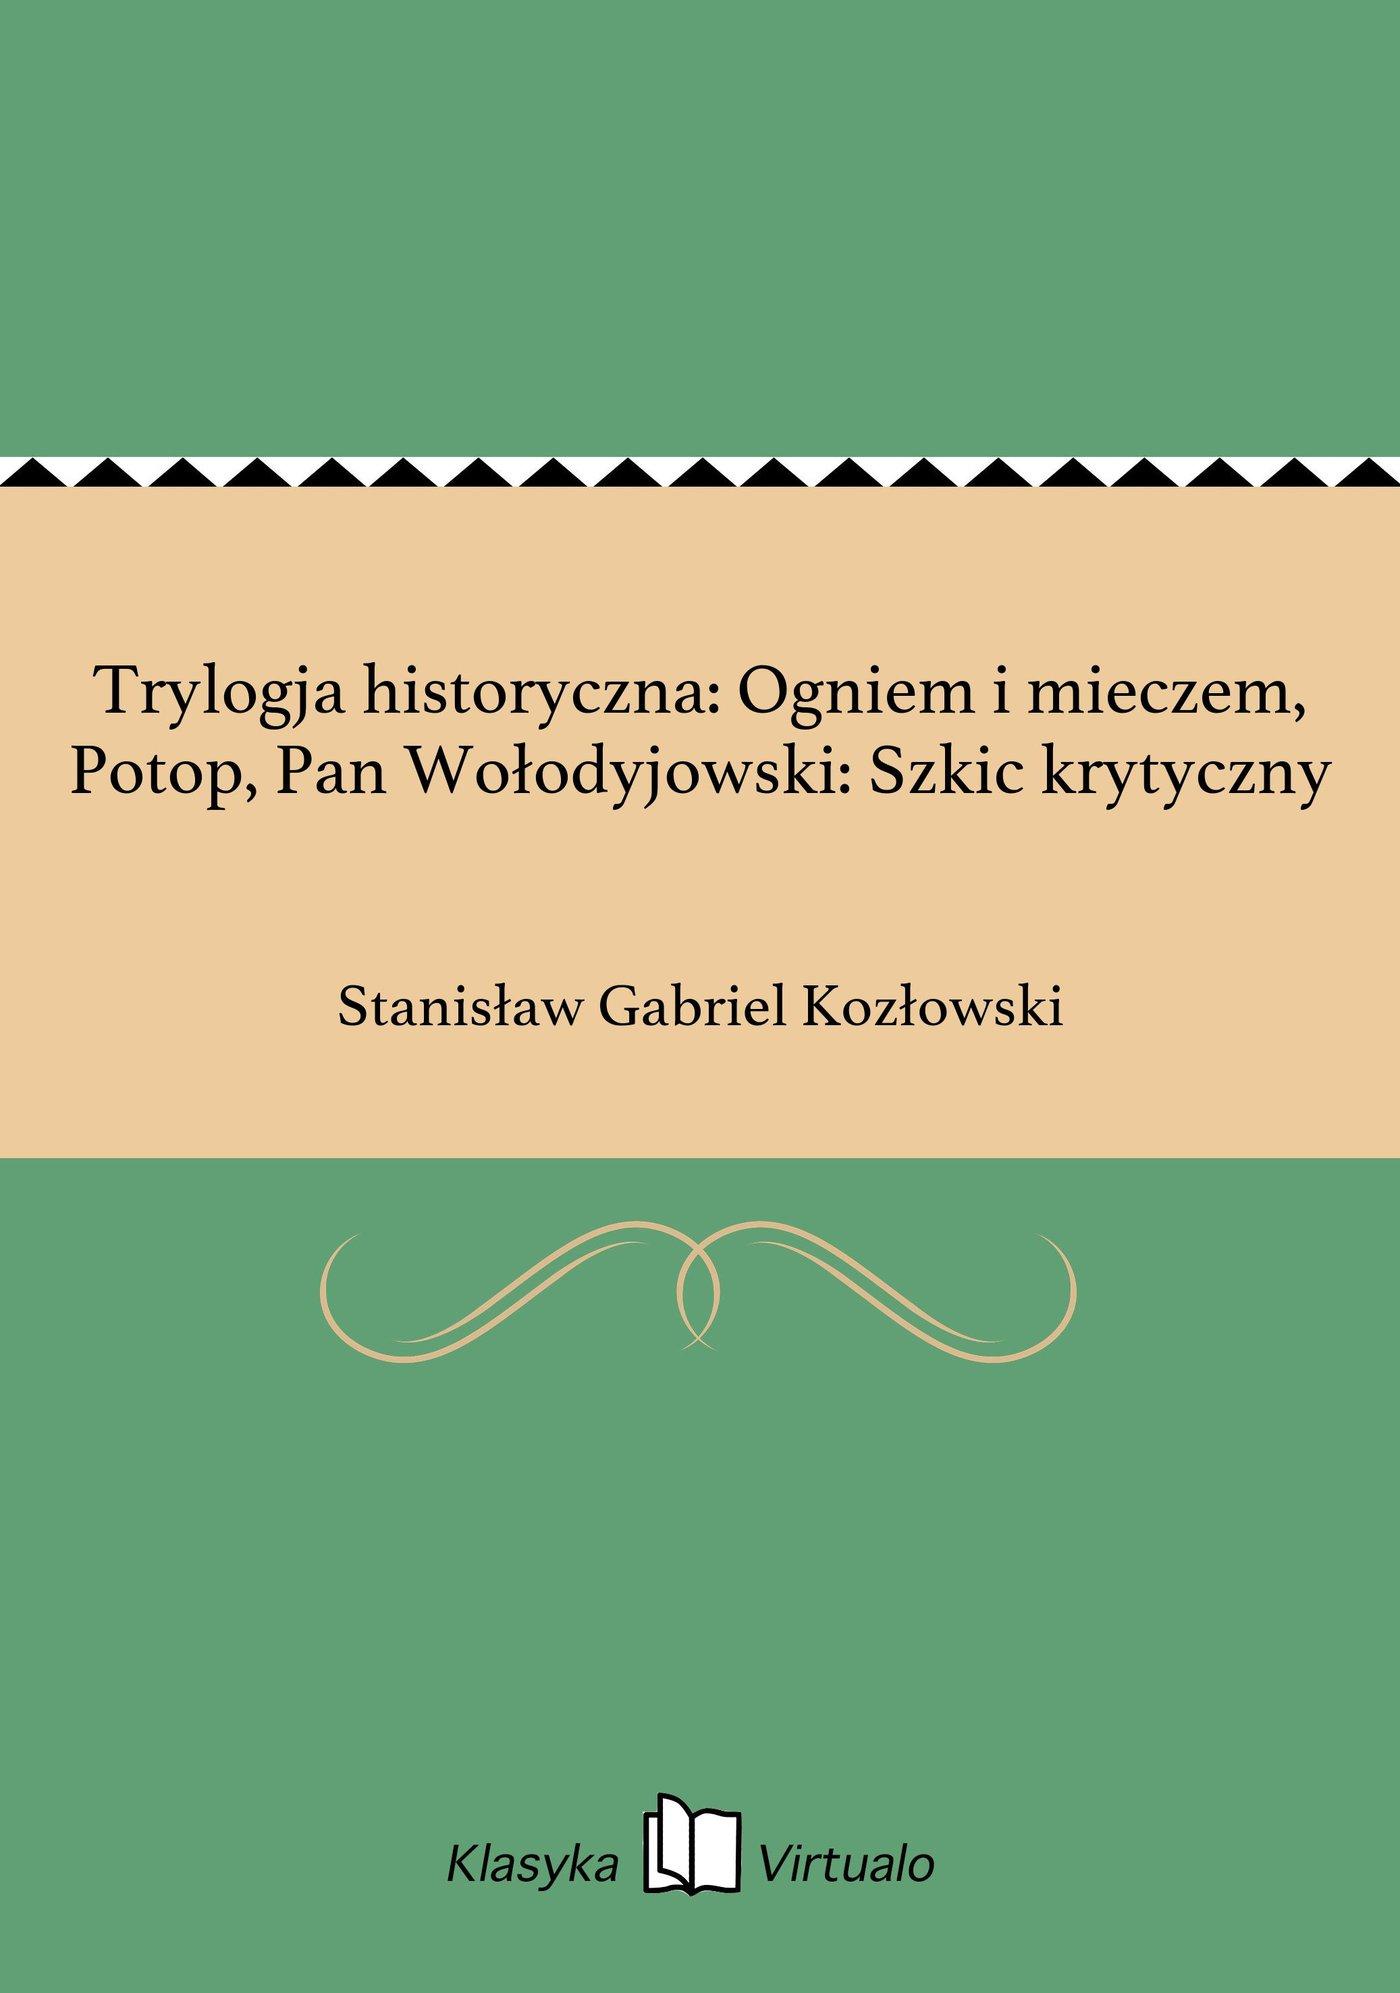 Trylogja historyczna: Ogniem i mieczem, Potop, Pan Wołodyjowski: Szkic krytyczny - Ebook (Książka na Kindle) do pobrania w formacie MOBI